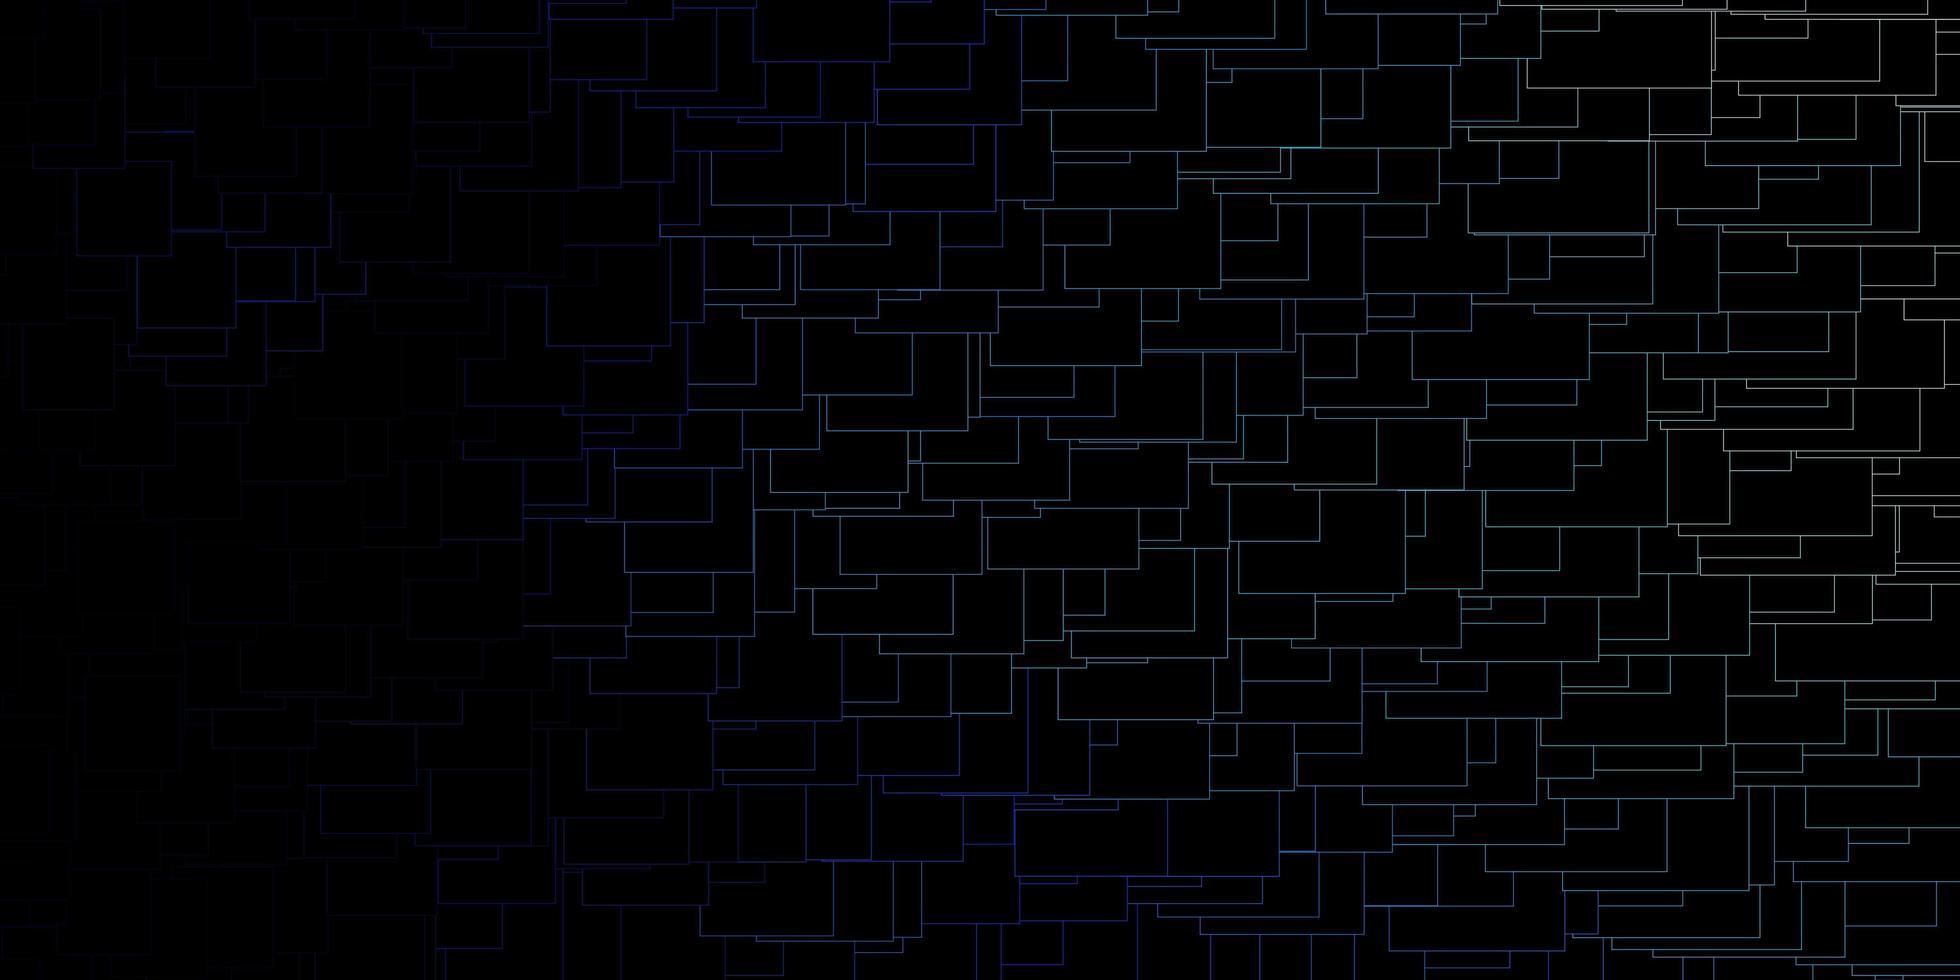 donkere lay-out met blauw omlijnde rechthoeken. vector